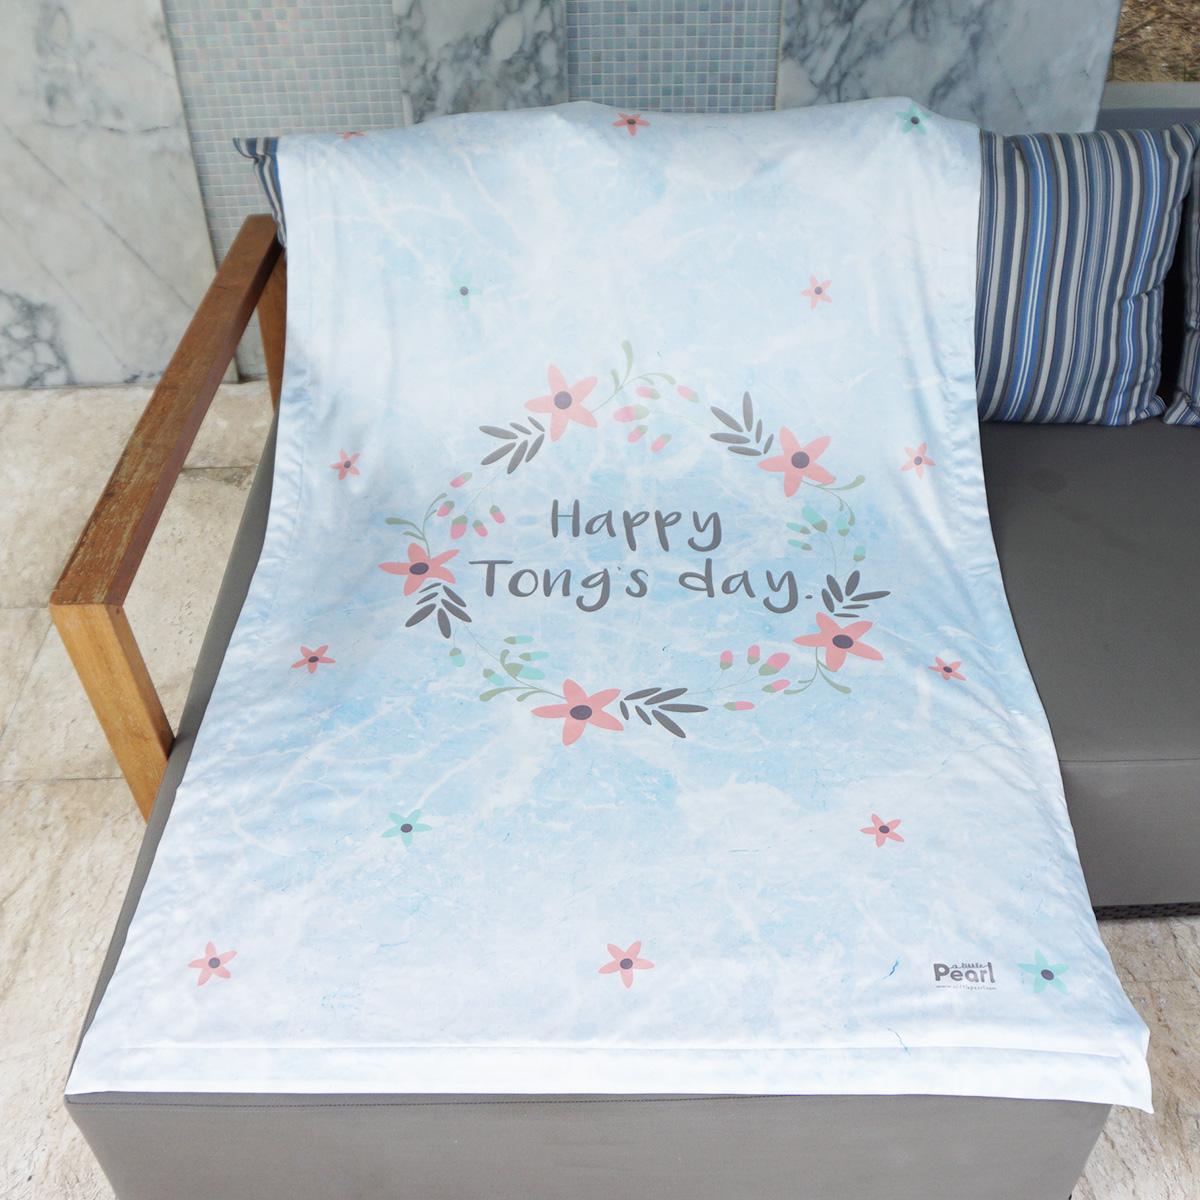 ผ้าห่ม ใส่ชื่อ ลายหินอ่อนสีฟ้า - Floral Frame ไซส์ใหญ่ 100x150cm